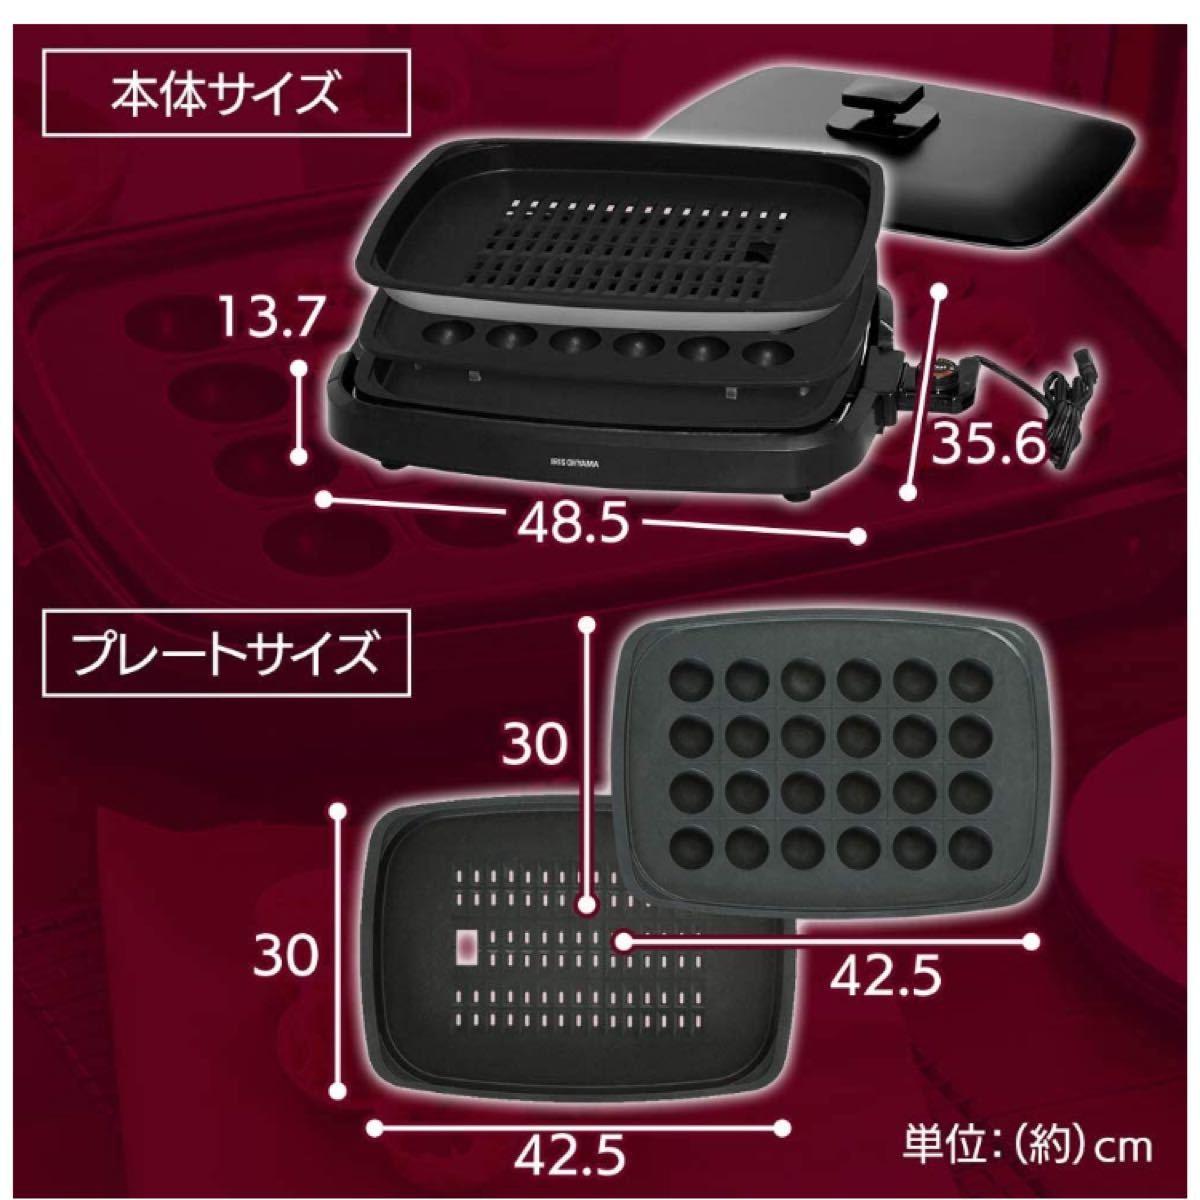 アイリスオーヤマ 網焼き風ホットプレート APA-137 平面/網焼き/たこ焼き